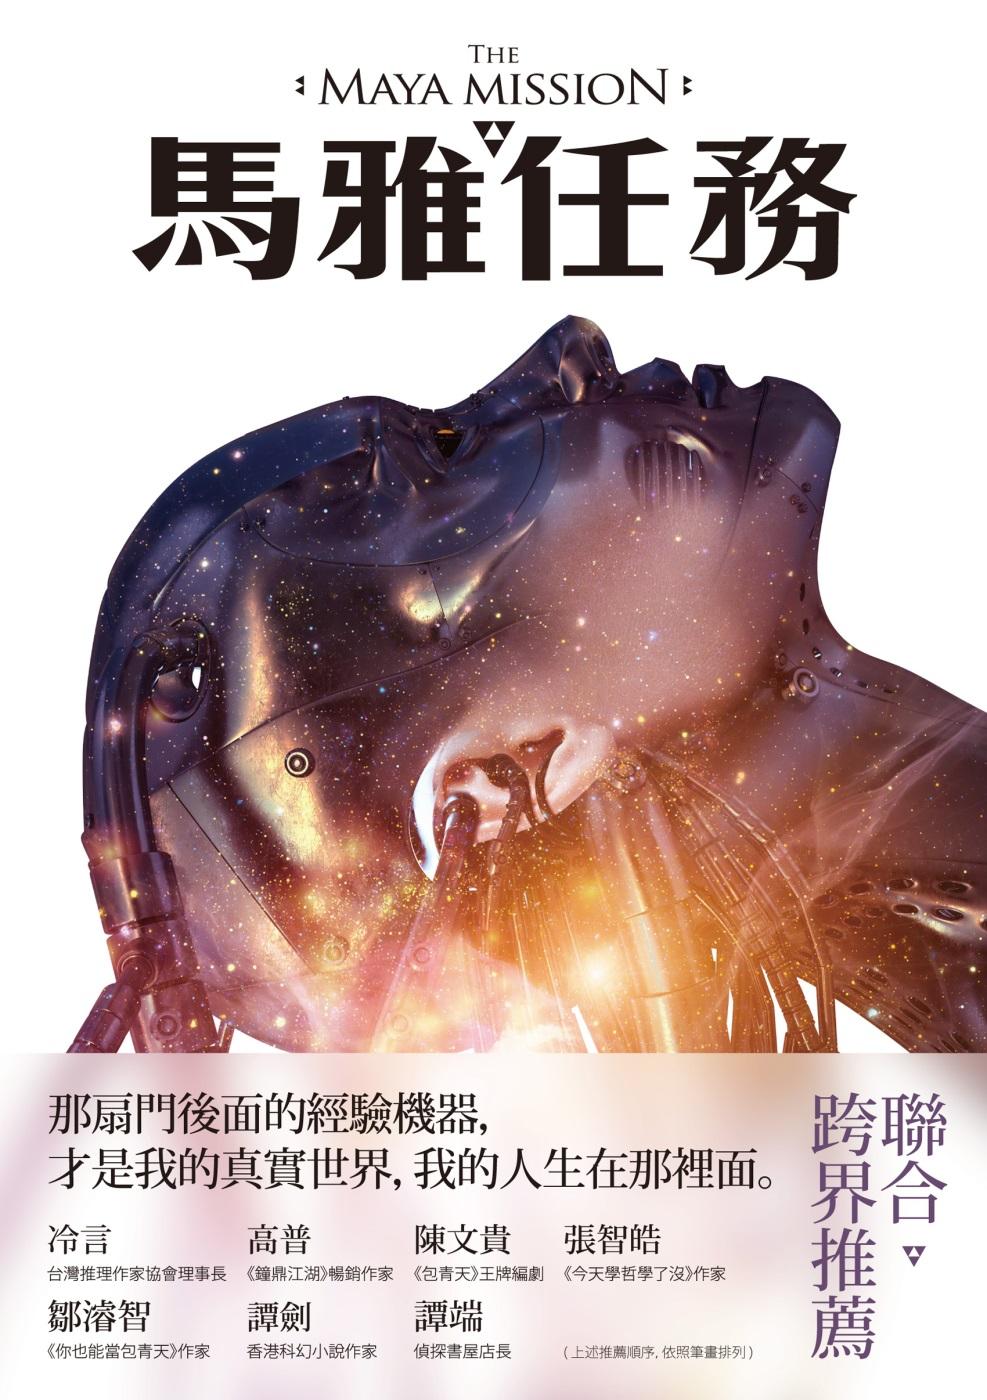 馬雅任務:林斯諺科幻推理長篇